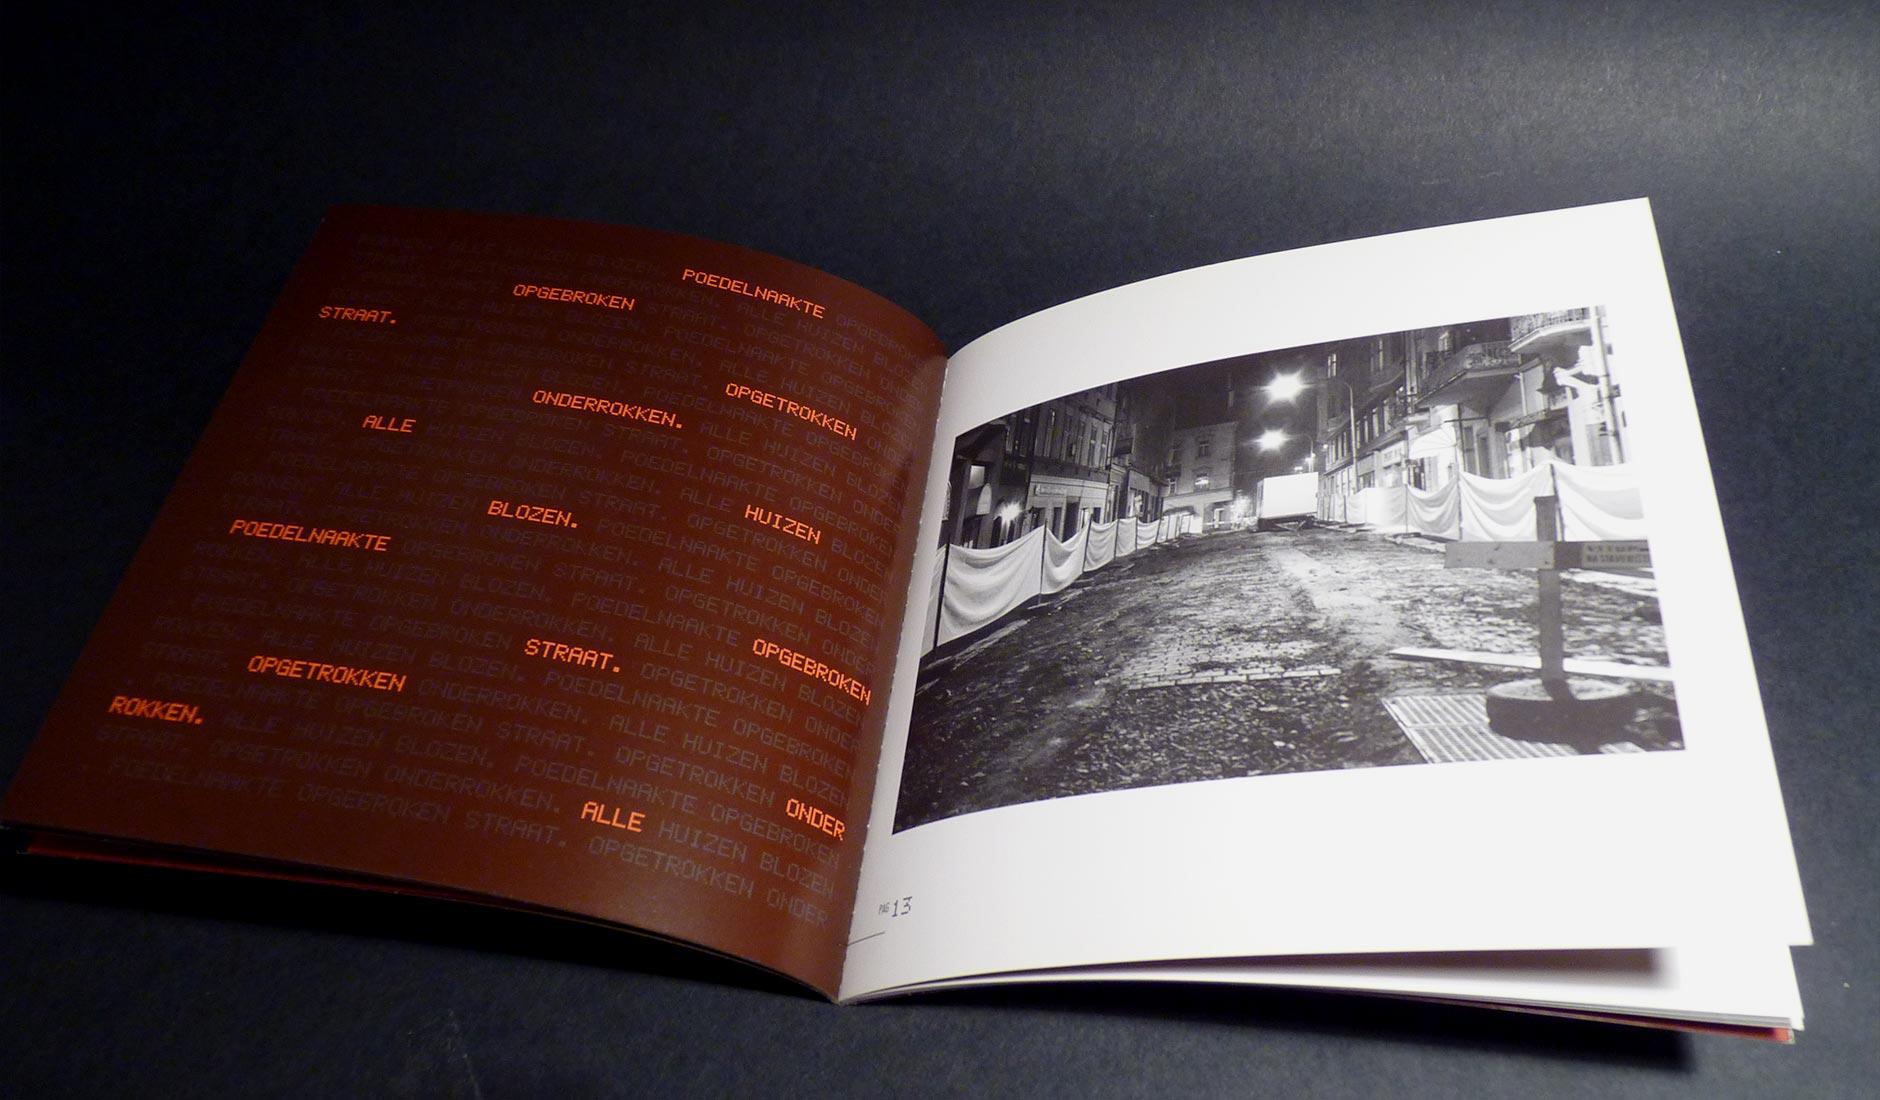 Ontwerp van de spread met het gedicht 'Opgetrokken onderrokken....' Foto van een opgebroken straat bij nacht.